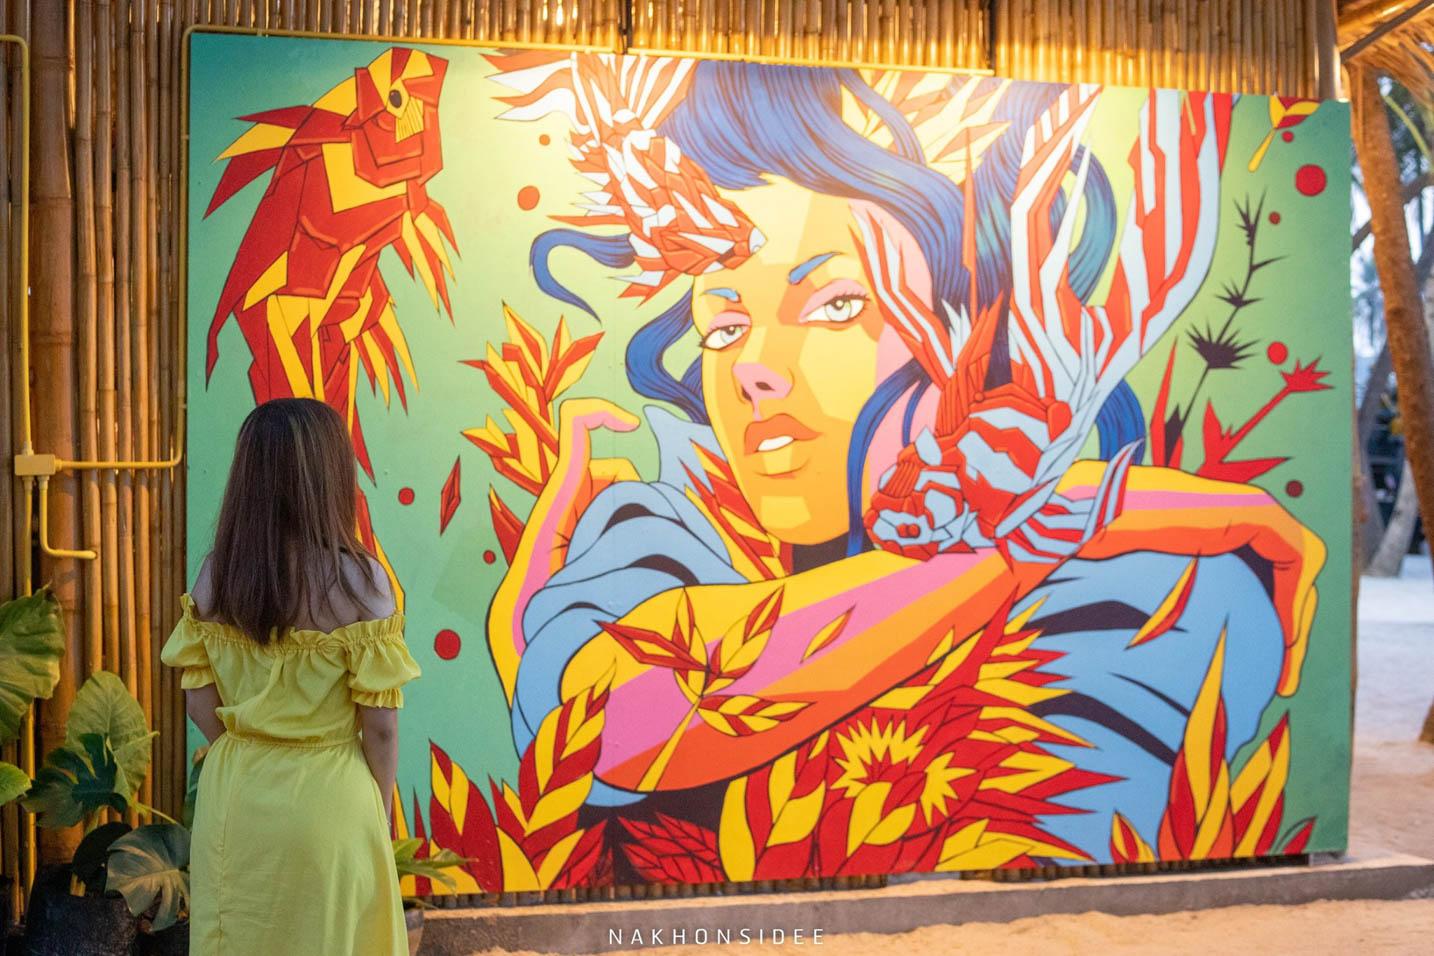 ผลงานภาพวาดจากจิตรกรระดับประเทศ ลายเส้นดีย์ ละเอียดมาก ของจริงสวยมากกก แอดว่าจะขอซื้อประมูลกลับบ้านละเนี่ย หยอกๆ อิอิ คาเฟ่,ริมทะเล,สิชล,นครศรี,มาดูเลย์,MADoเลย์,ใกล้วัดเจดีย์,ตาไข่